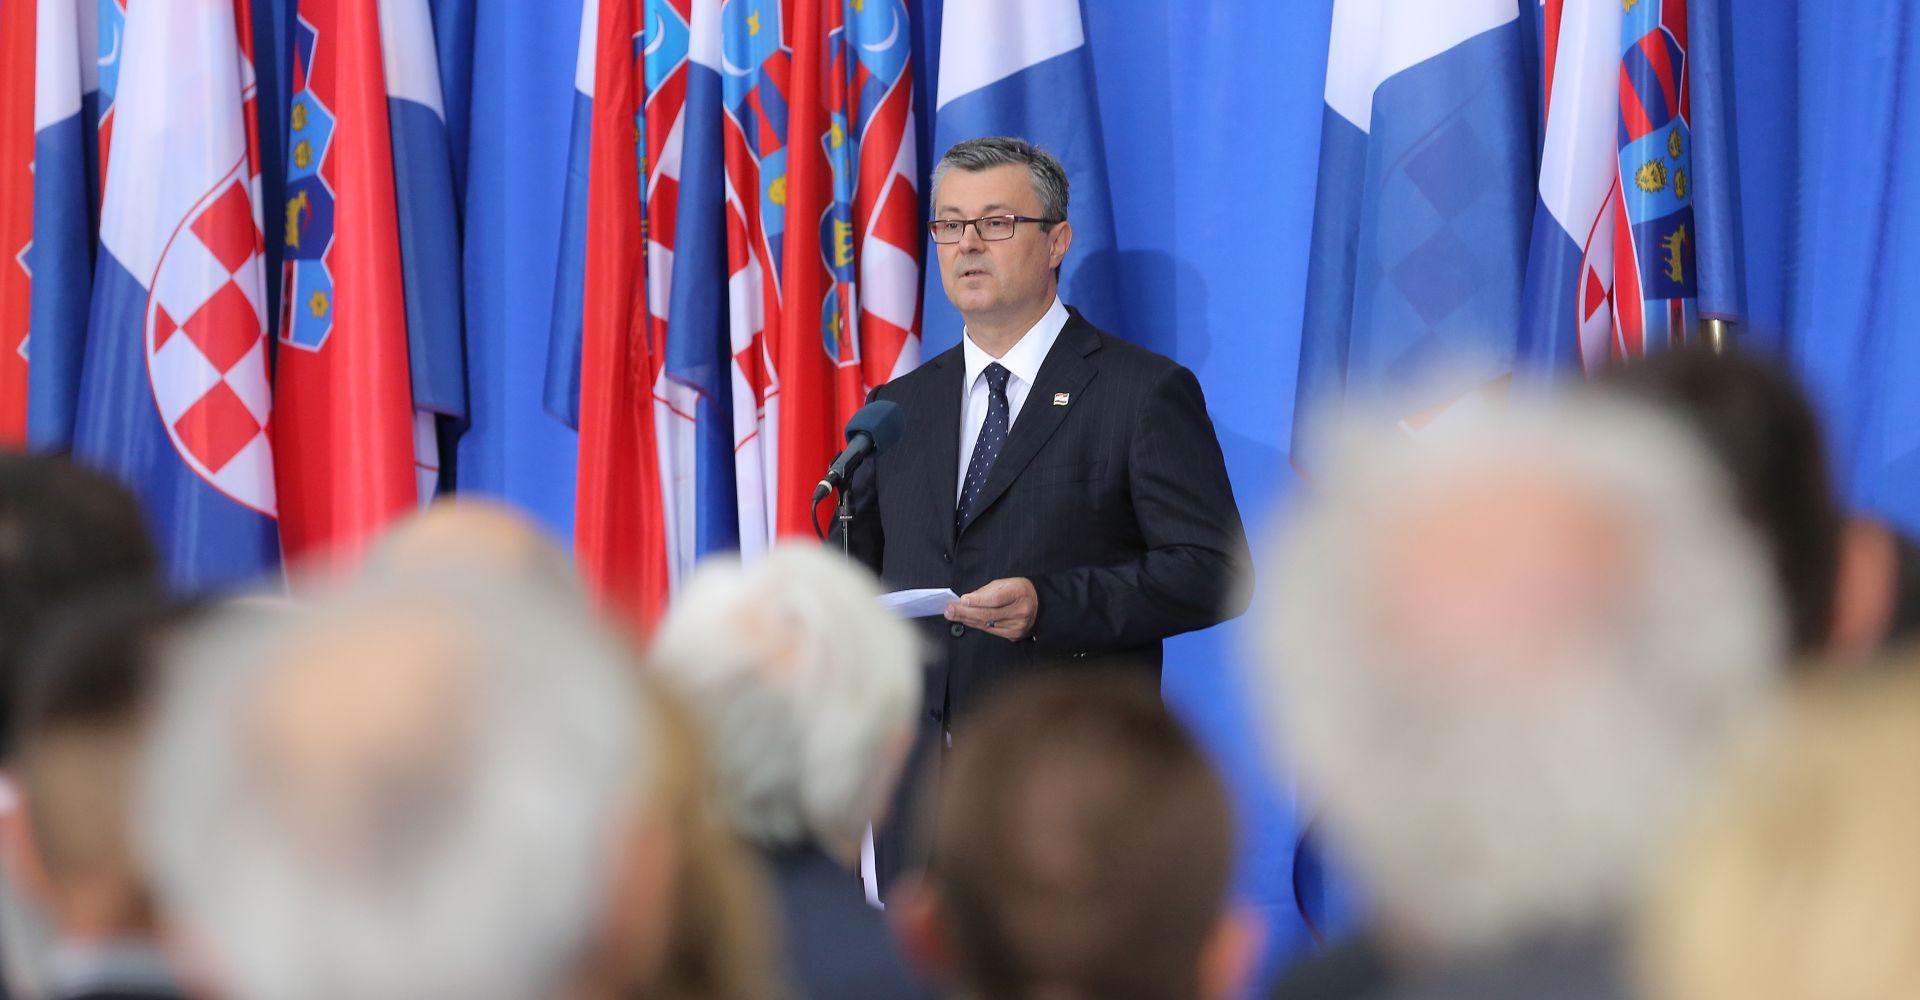 PRIPREME ZA LJETOVANJE: Orešković s obitelji ide na odmor u državnu rezidenciju na Brijunima